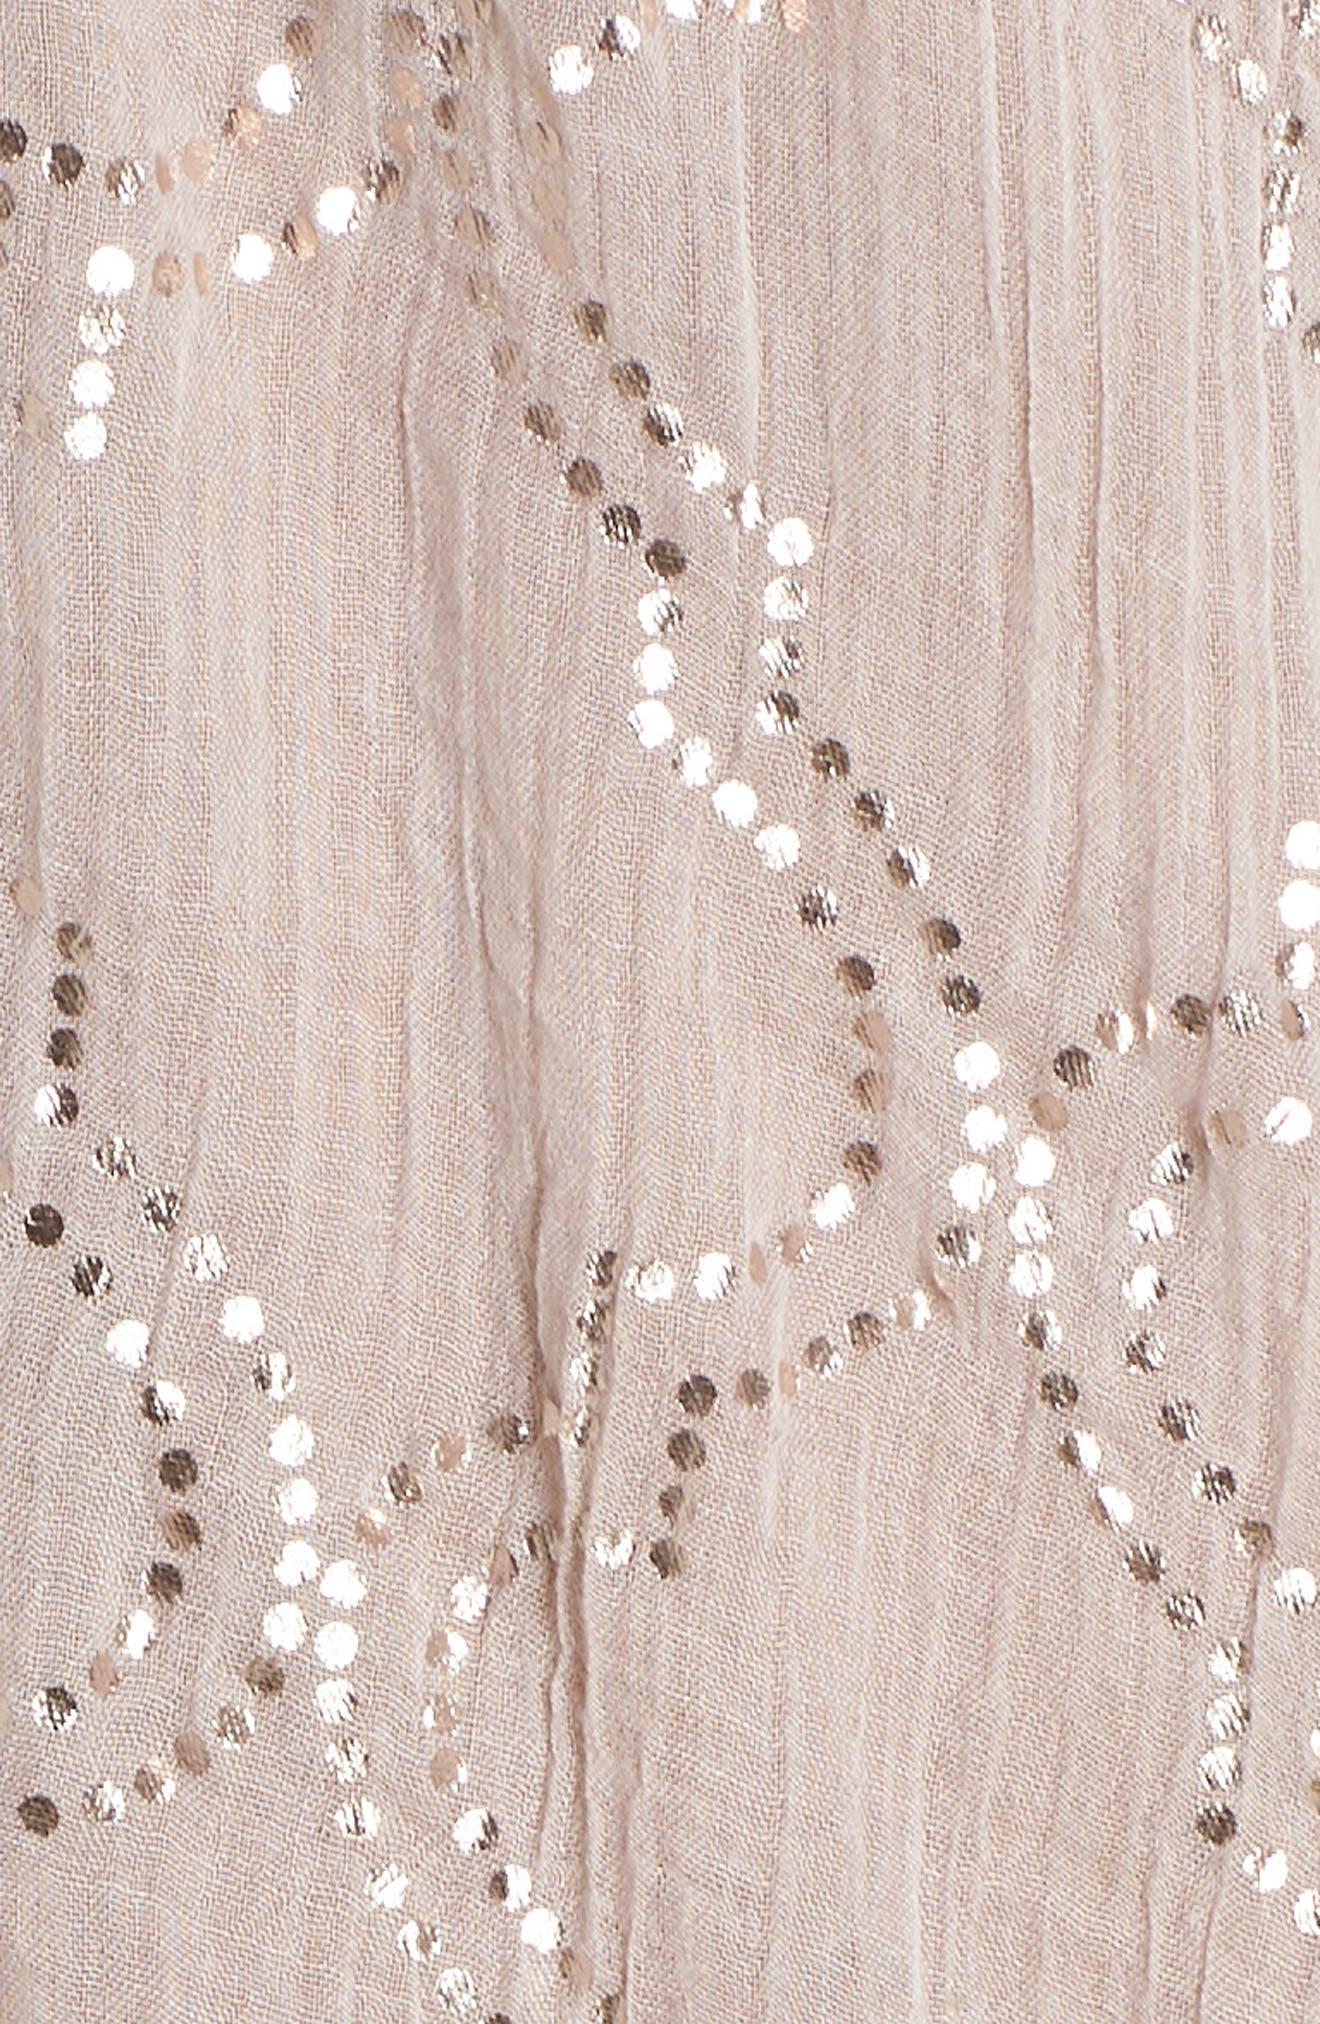 Cold Shoulder Cover-Up Dress,                             Alternate thumbnail 5, color,                             020